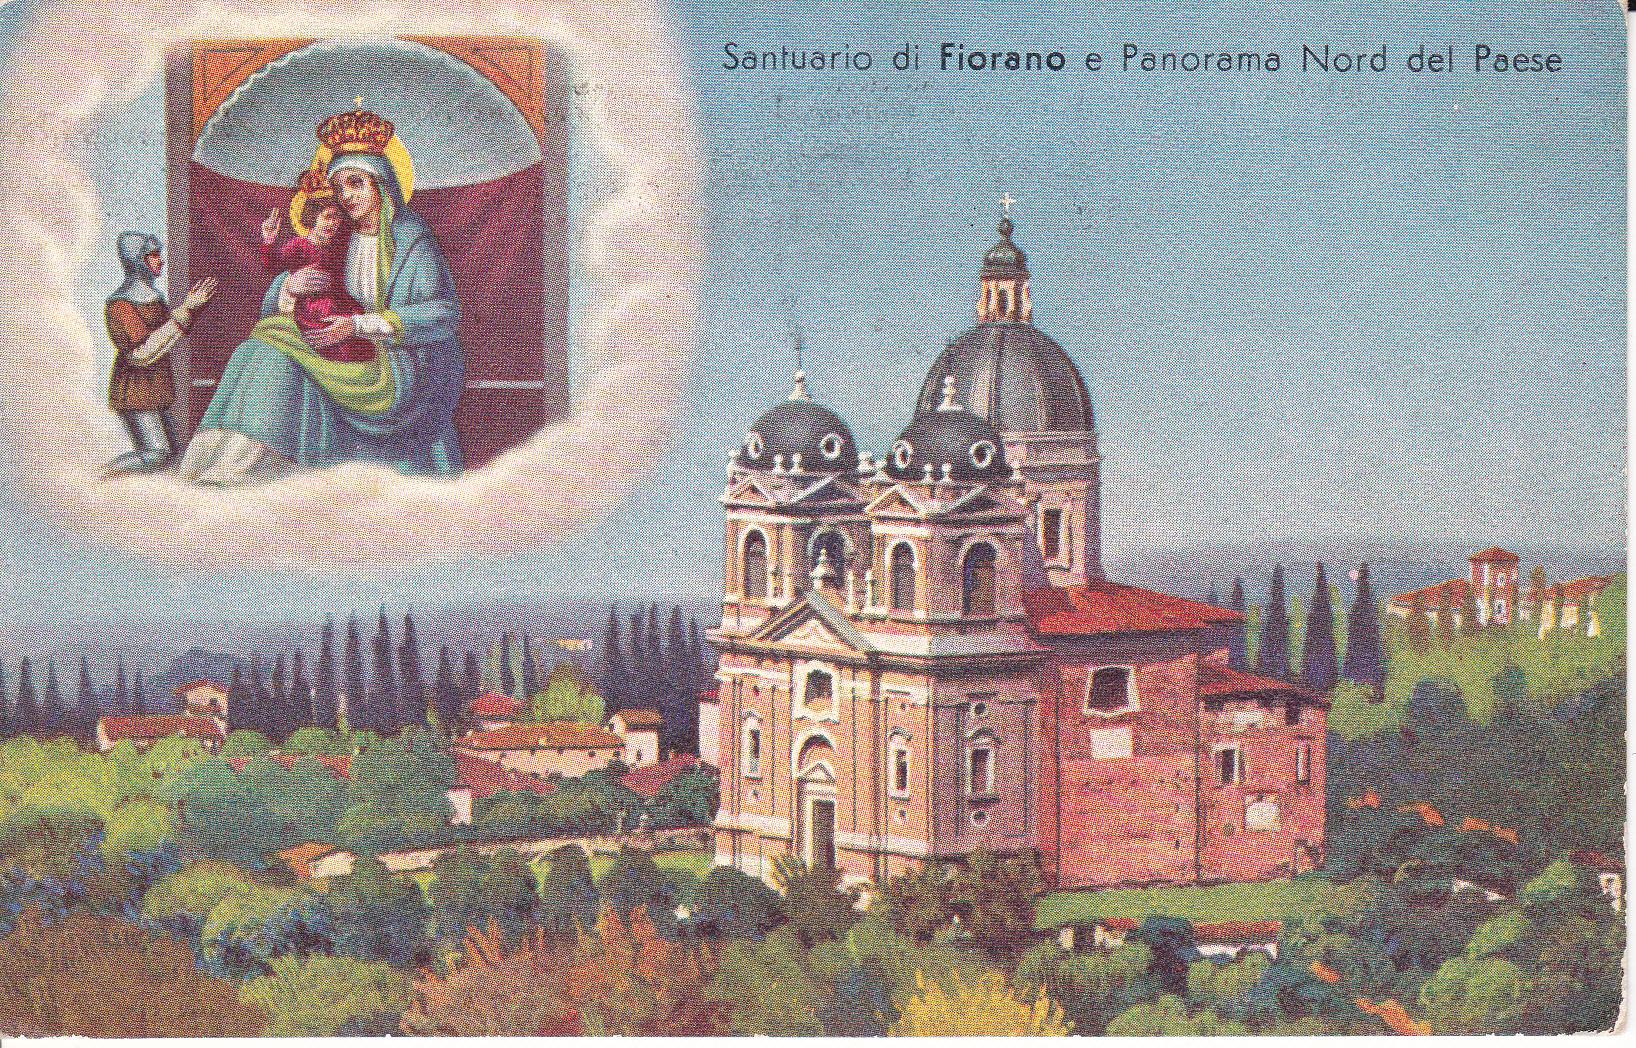 Santuario di Fiorano. Proprietà di Giampietro Beltrami.